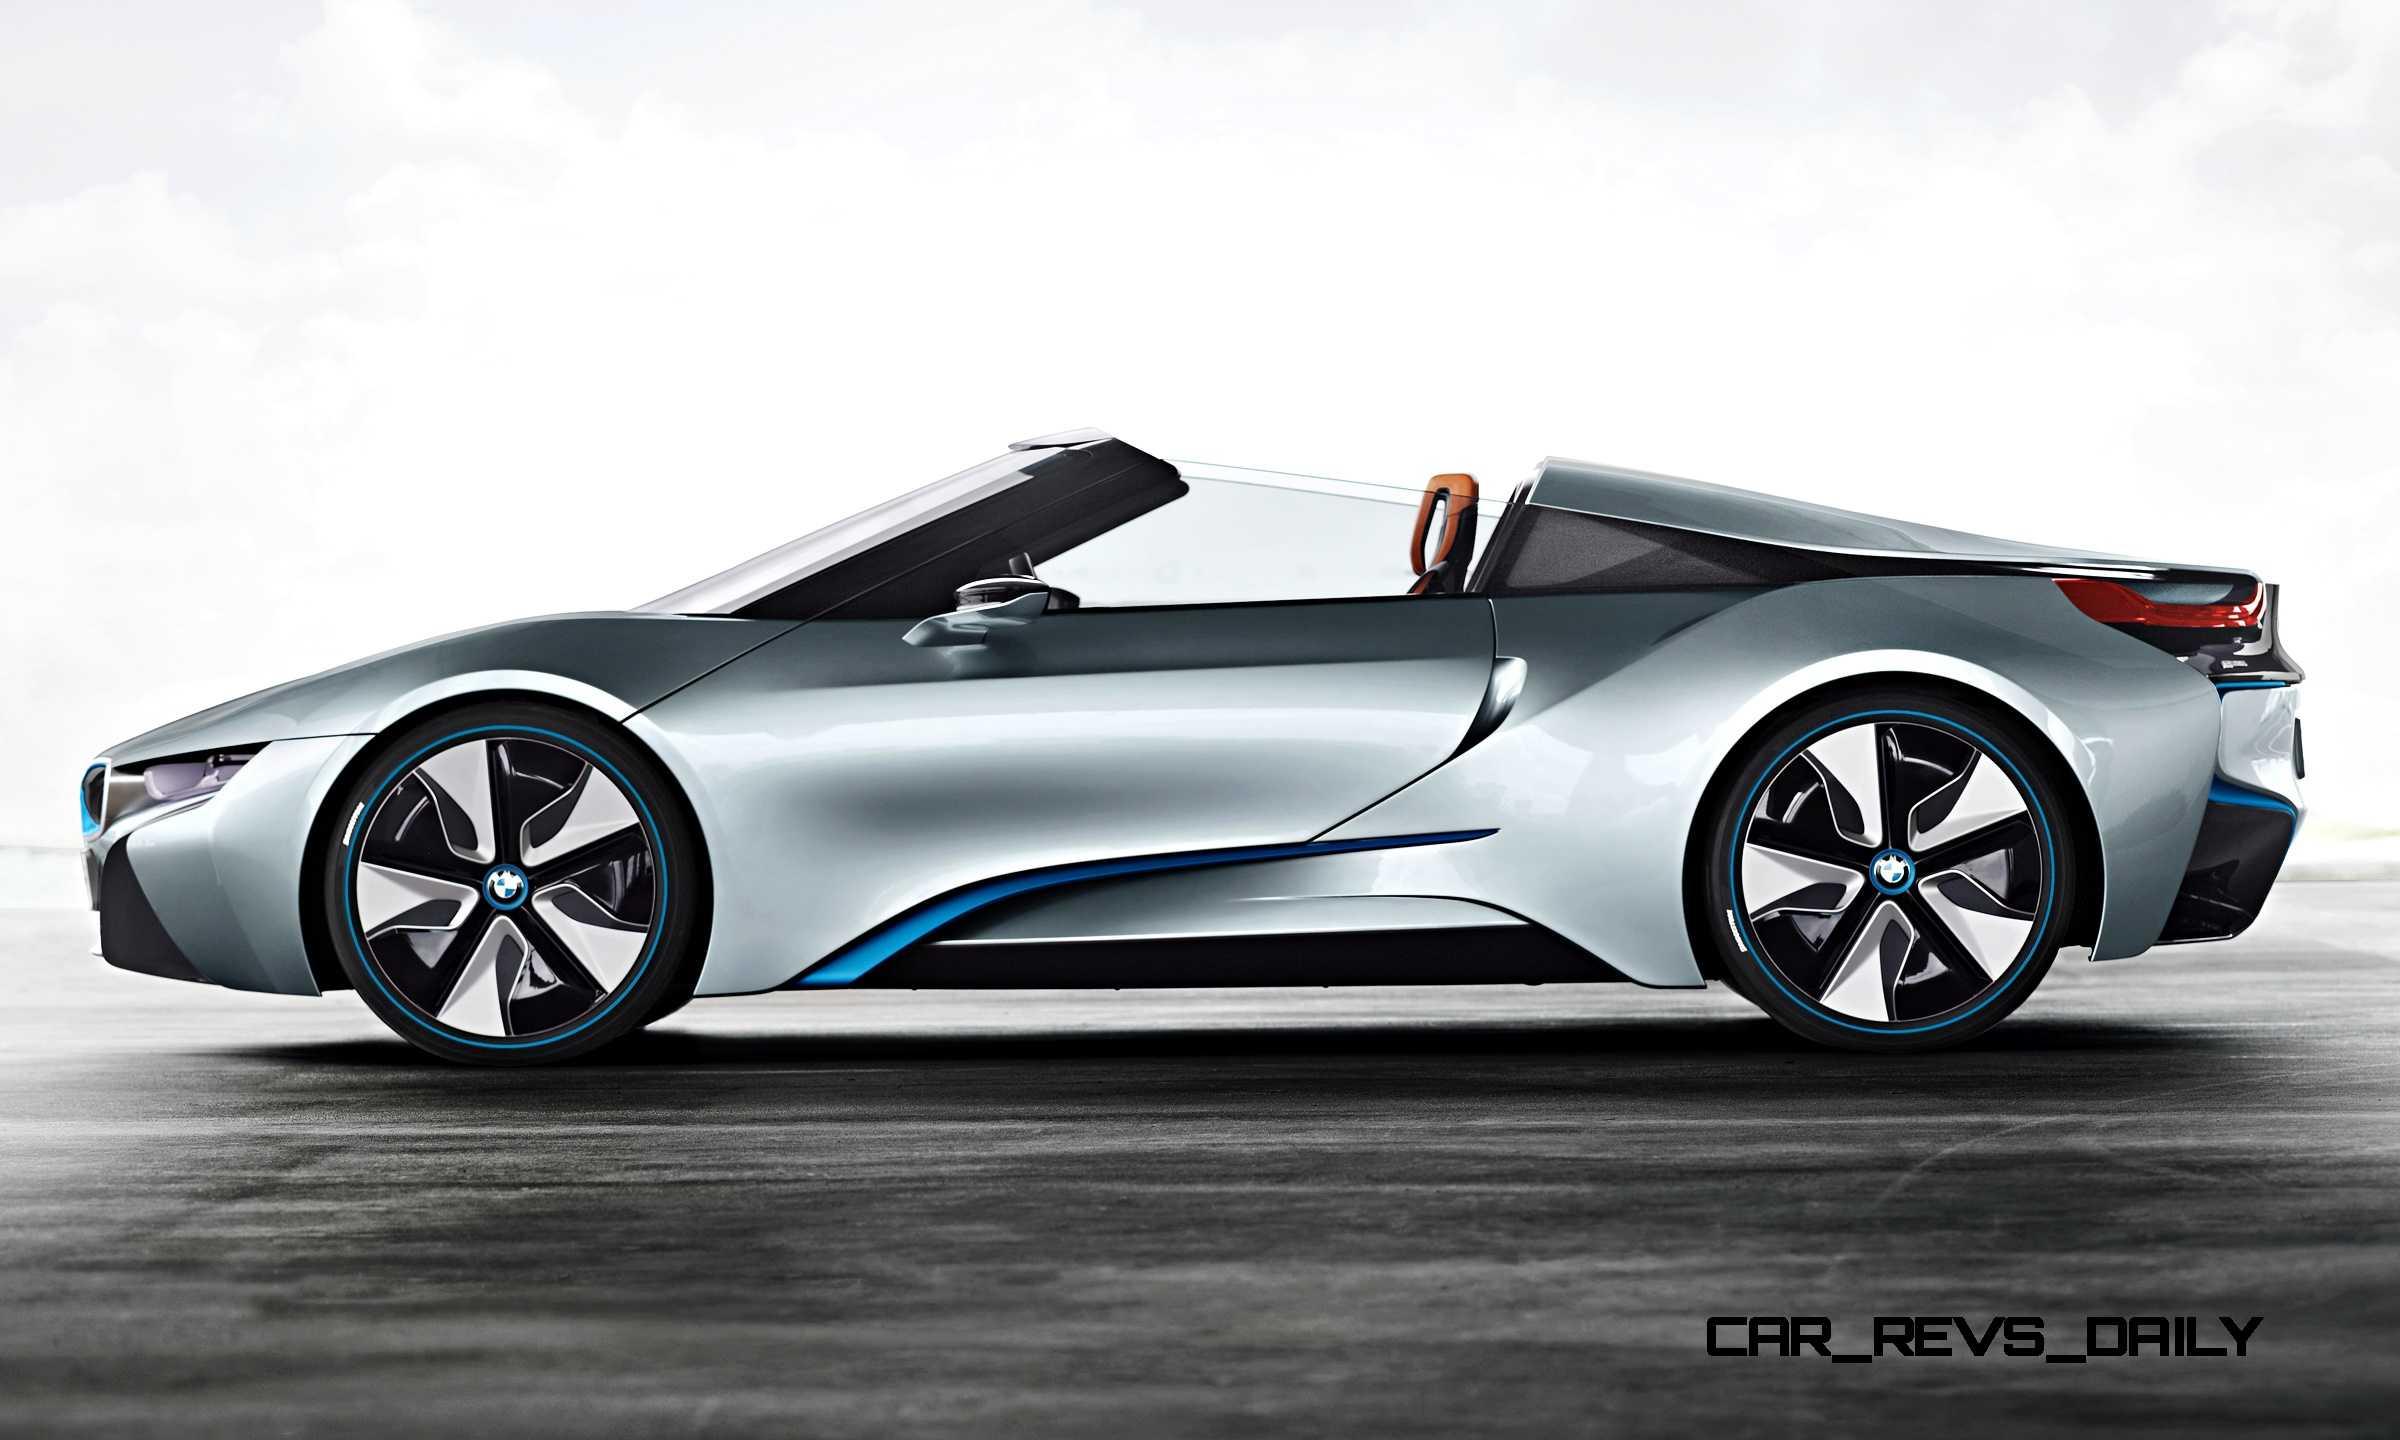 Concept Flashback 2012 Bmw I8 Spyder